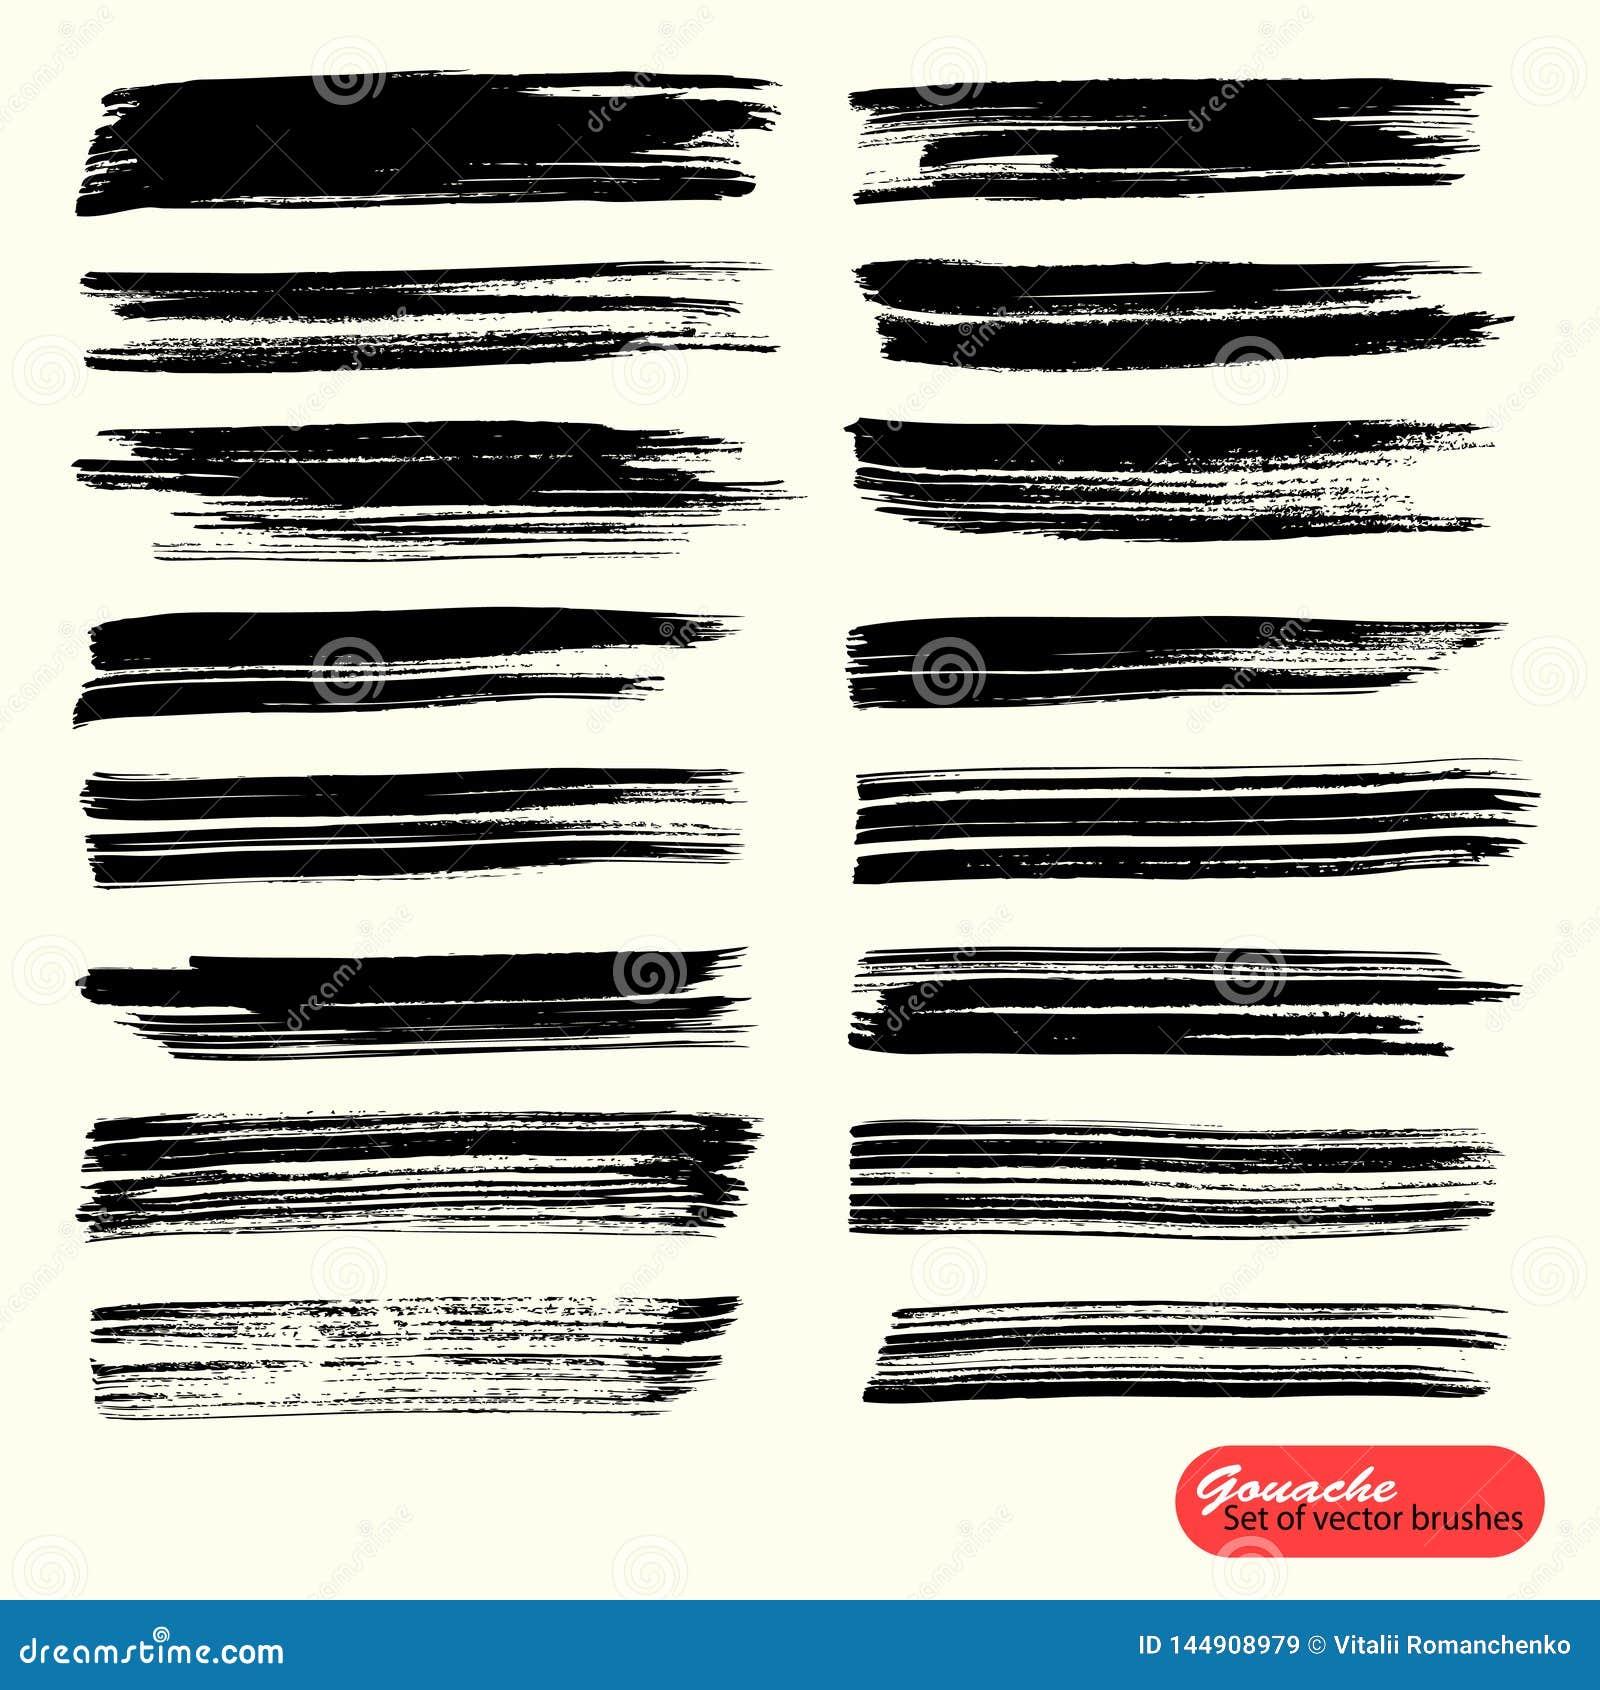 Διανυσματικό καλλιτεχνικό σκηνικό Το μαύρο χρώμα, ακρυλική βούρτσα, gouashe βουρτσίζει το κτύπημα, τη γραμμή ή τη σύσταση Μονοχρω